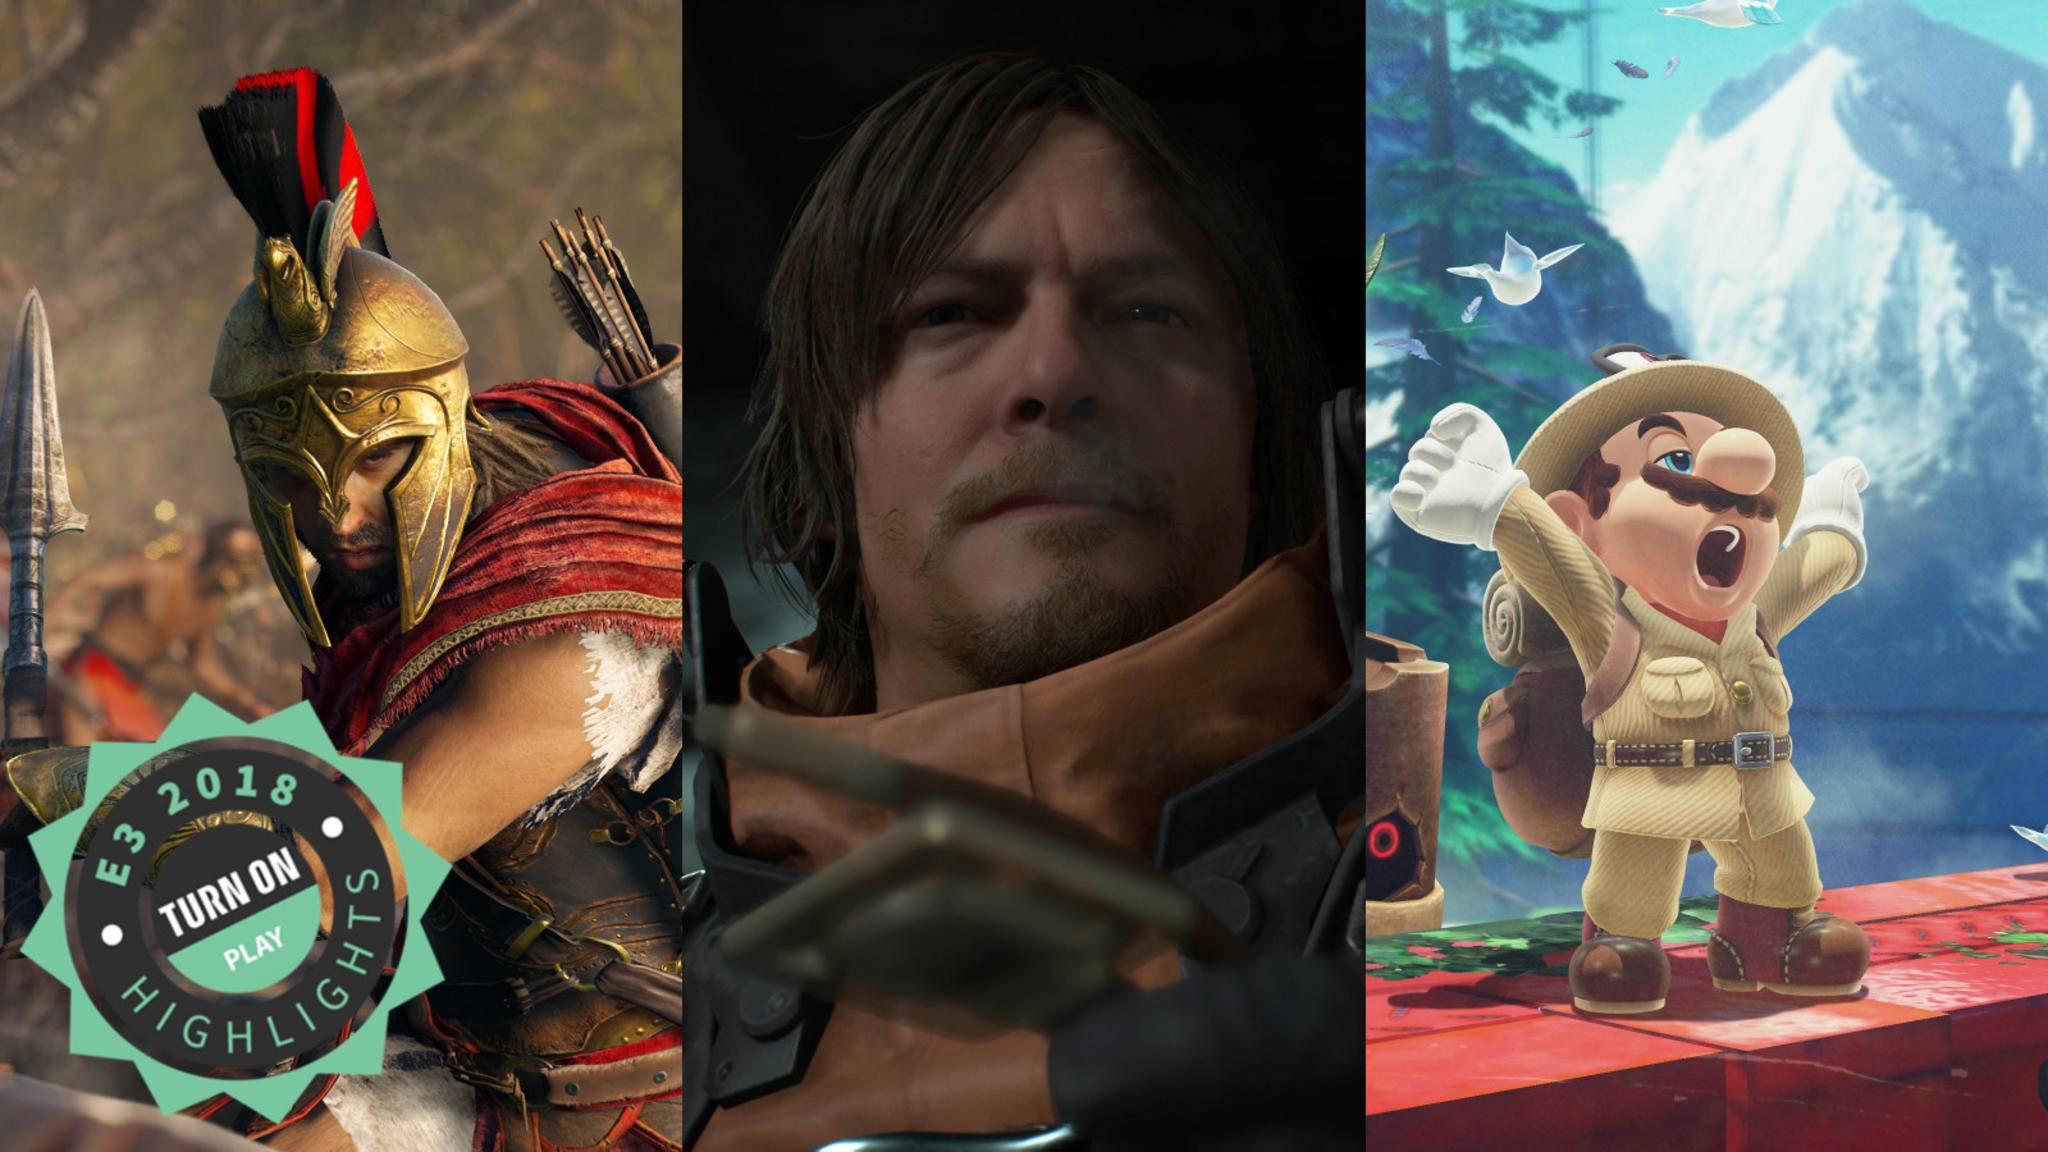 """Die E3 2018 im Rückspiegel: """"Assassin's Creed"""" und """"Death Stranding"""" fanden wir super, die Nintendo-Präsentation eher ein bisschen zum Gähnen."""